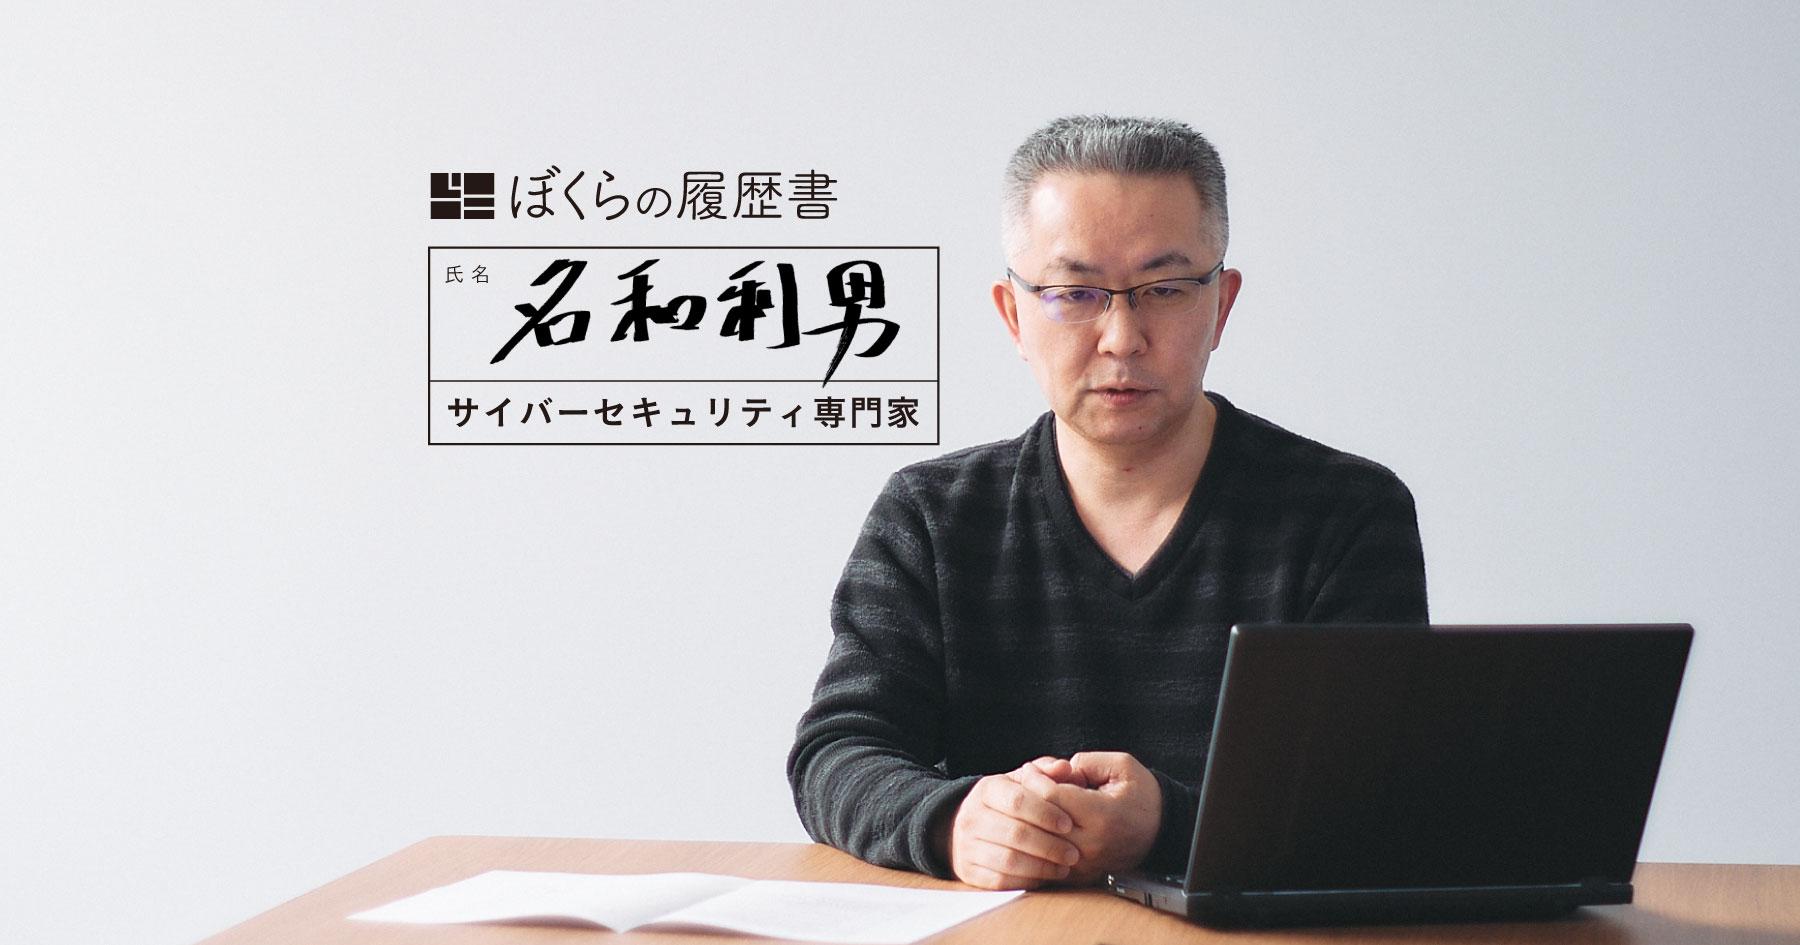 名和利男さんの履歴書メインカット